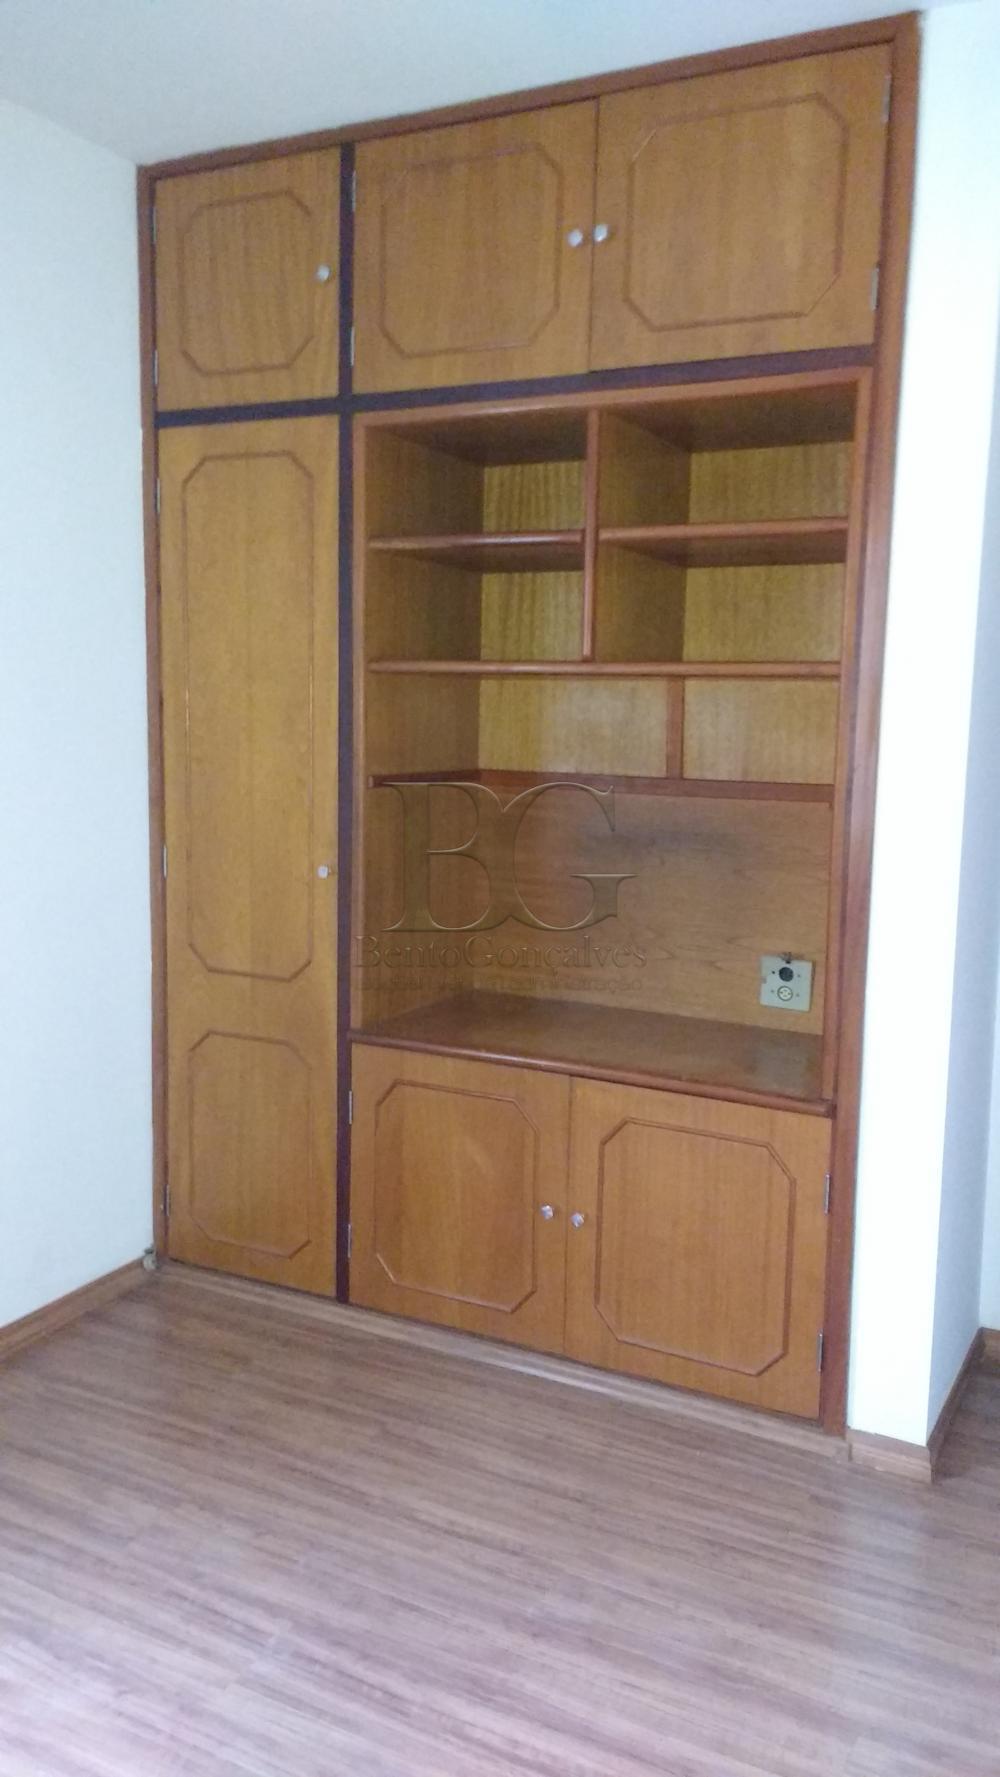 Alugar Apartamentos / Padrão em Poços de Caldas apenas R$ 1.500,00 - Foto 9